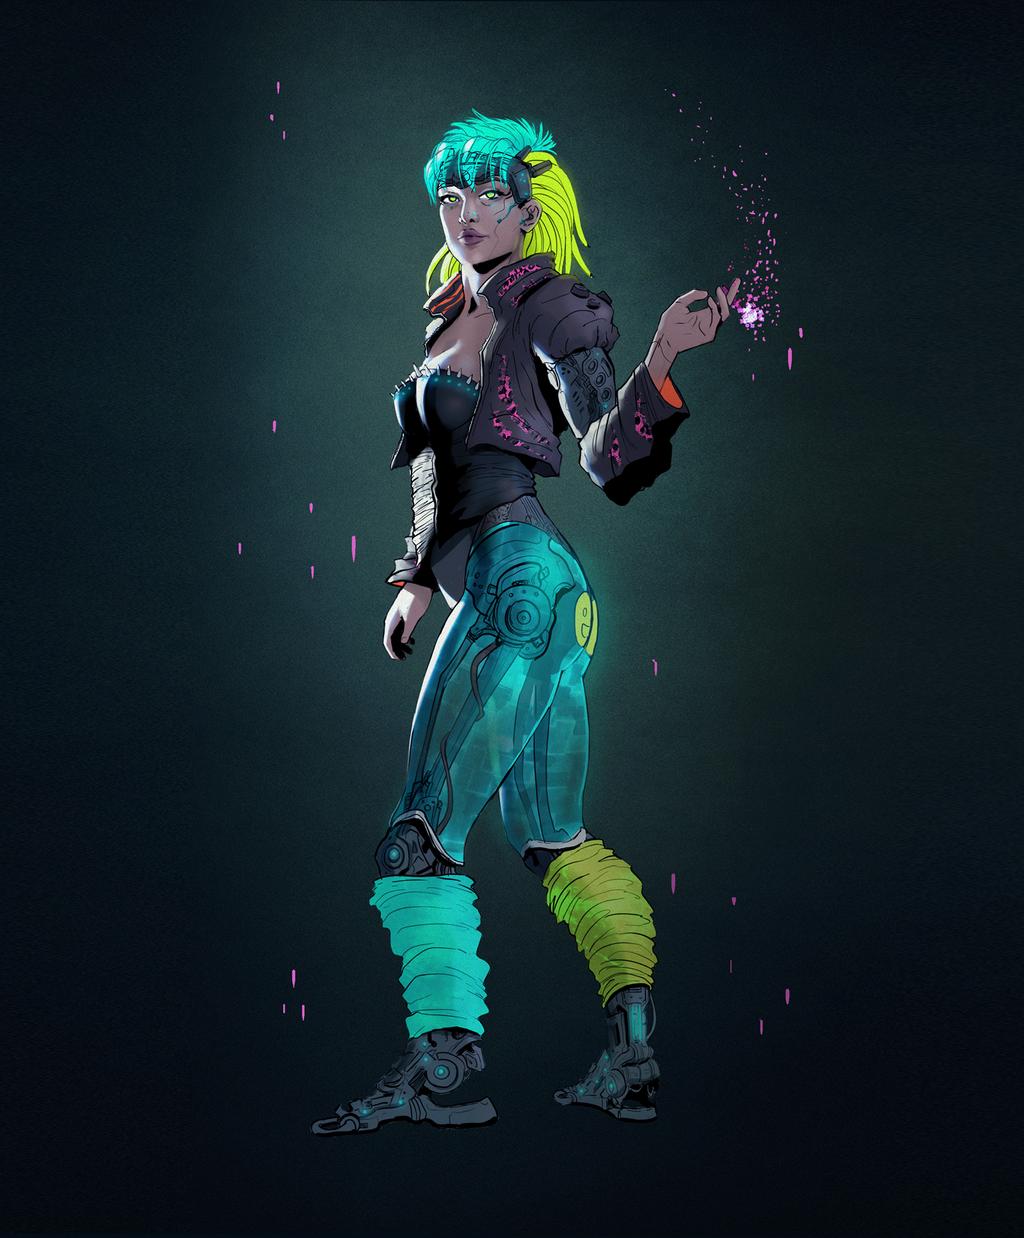 cyberpunk_by_skyrawathi-dceaf1n.png - Cyberpunk 2077